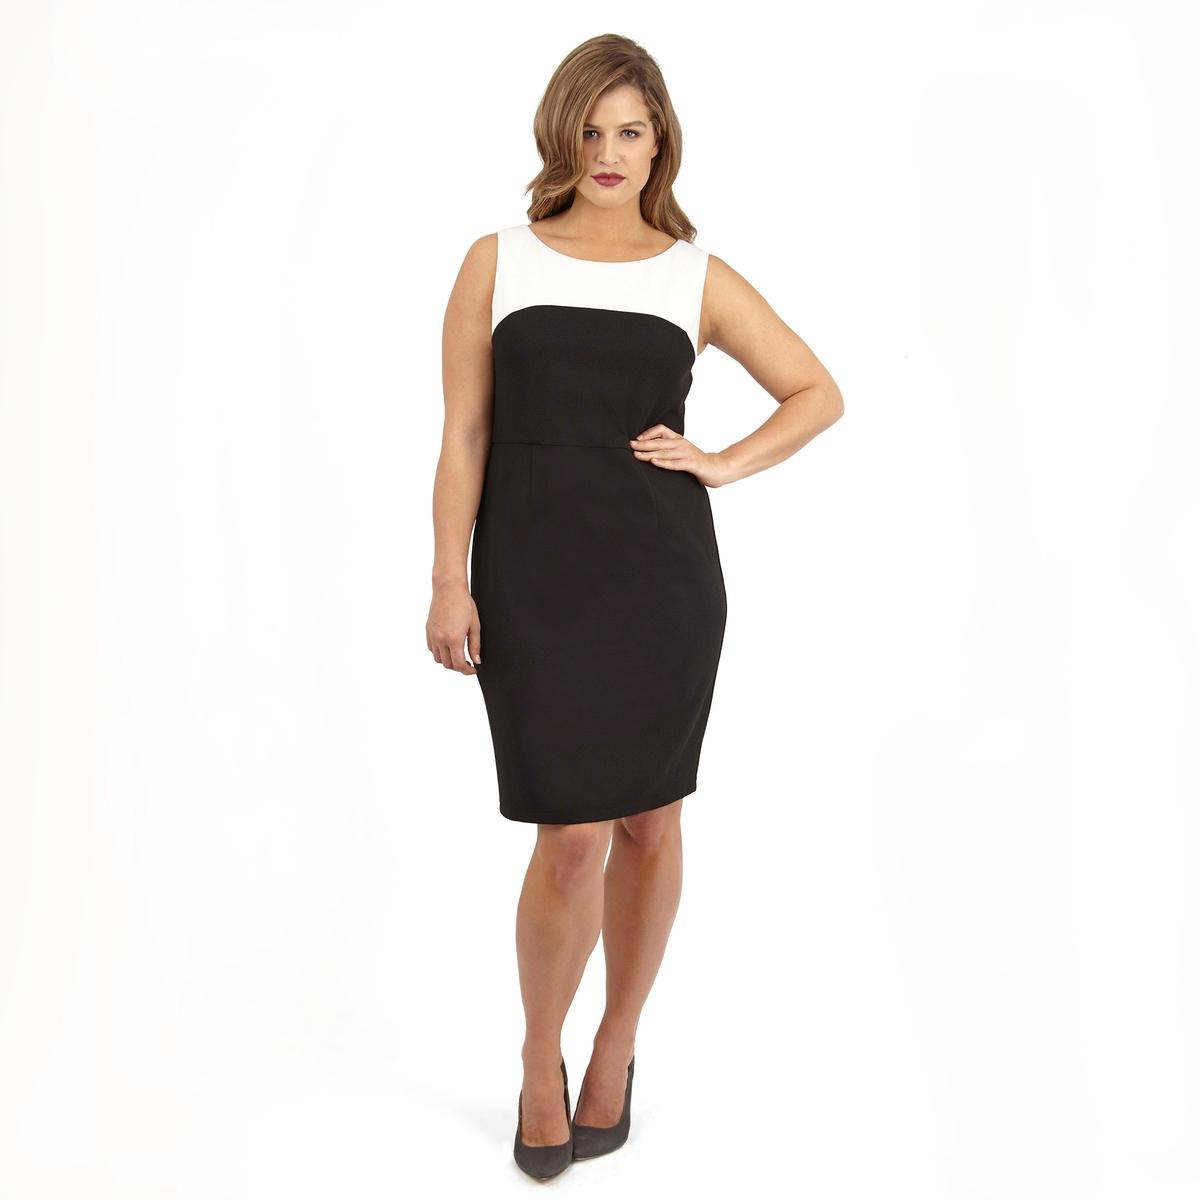 ПлатьеПлатье без рукавов LOVEDROBE. Красивое двухцветное платье. 100% полиэстер.<br><br>Цвет: черный/ белый